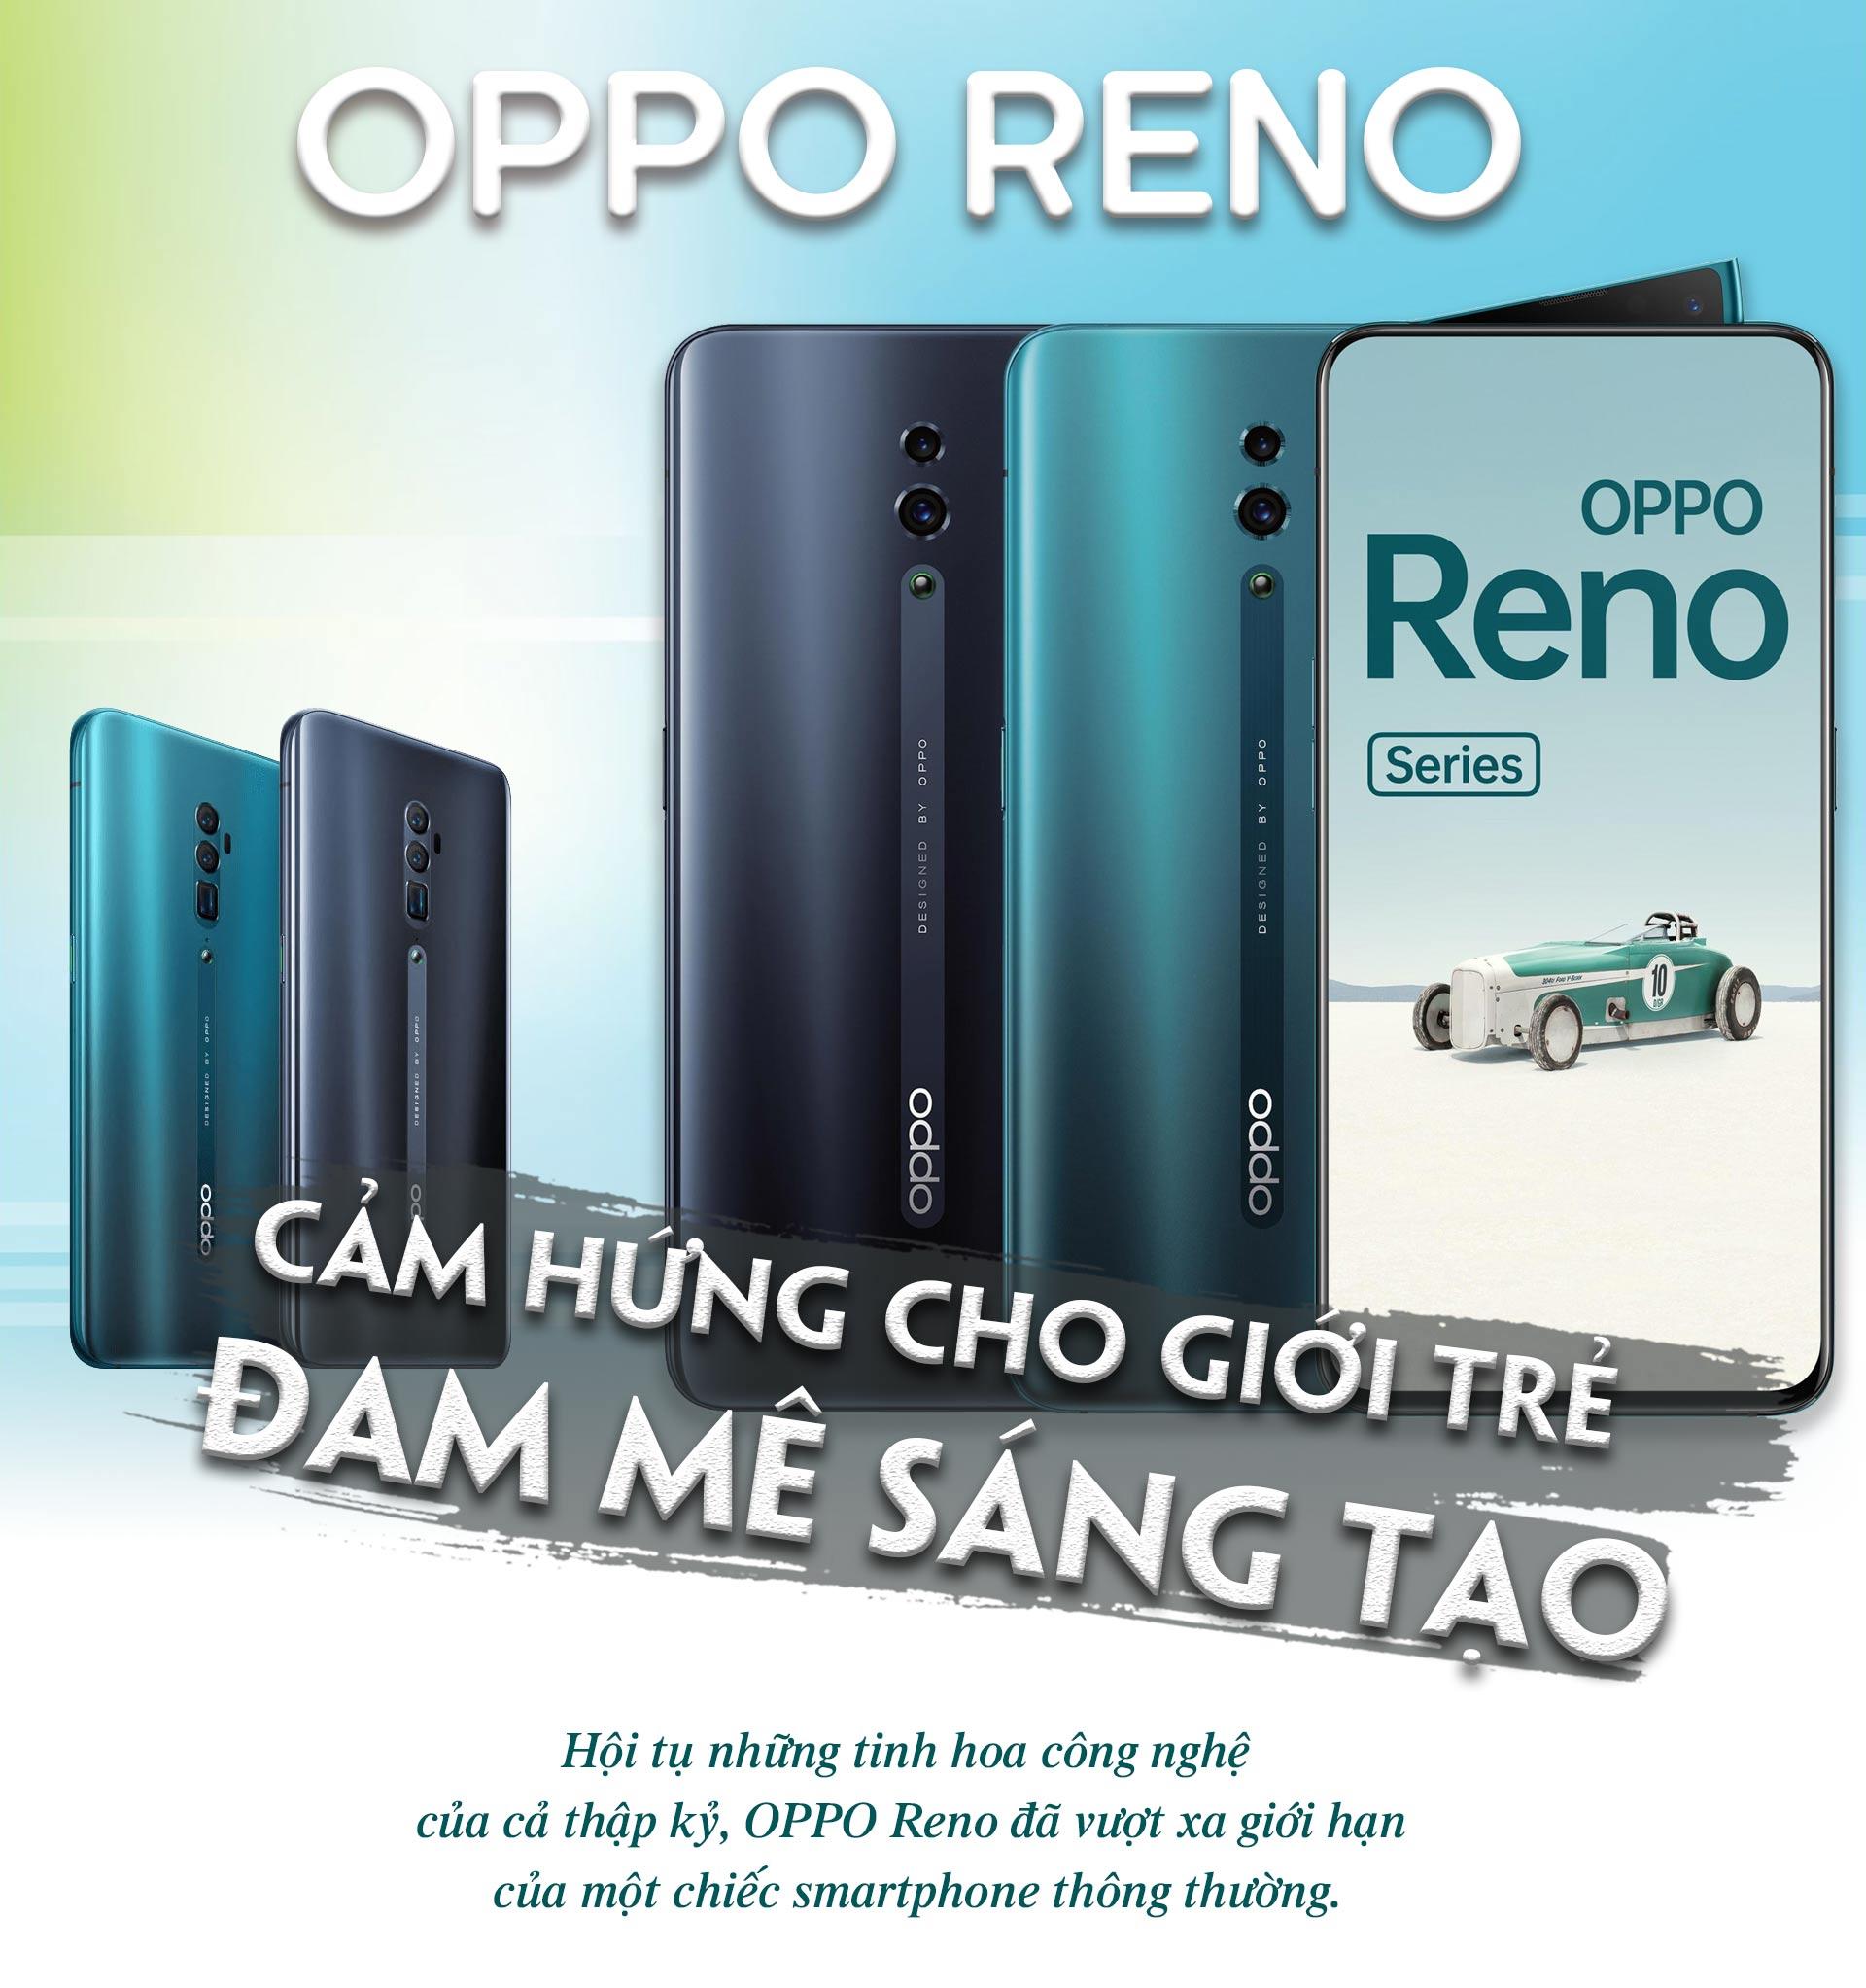 OPPO Reno: Smartphone sinh ra để truyền cảm hứng cho giới trẻ đam mê sáng tạo - 1